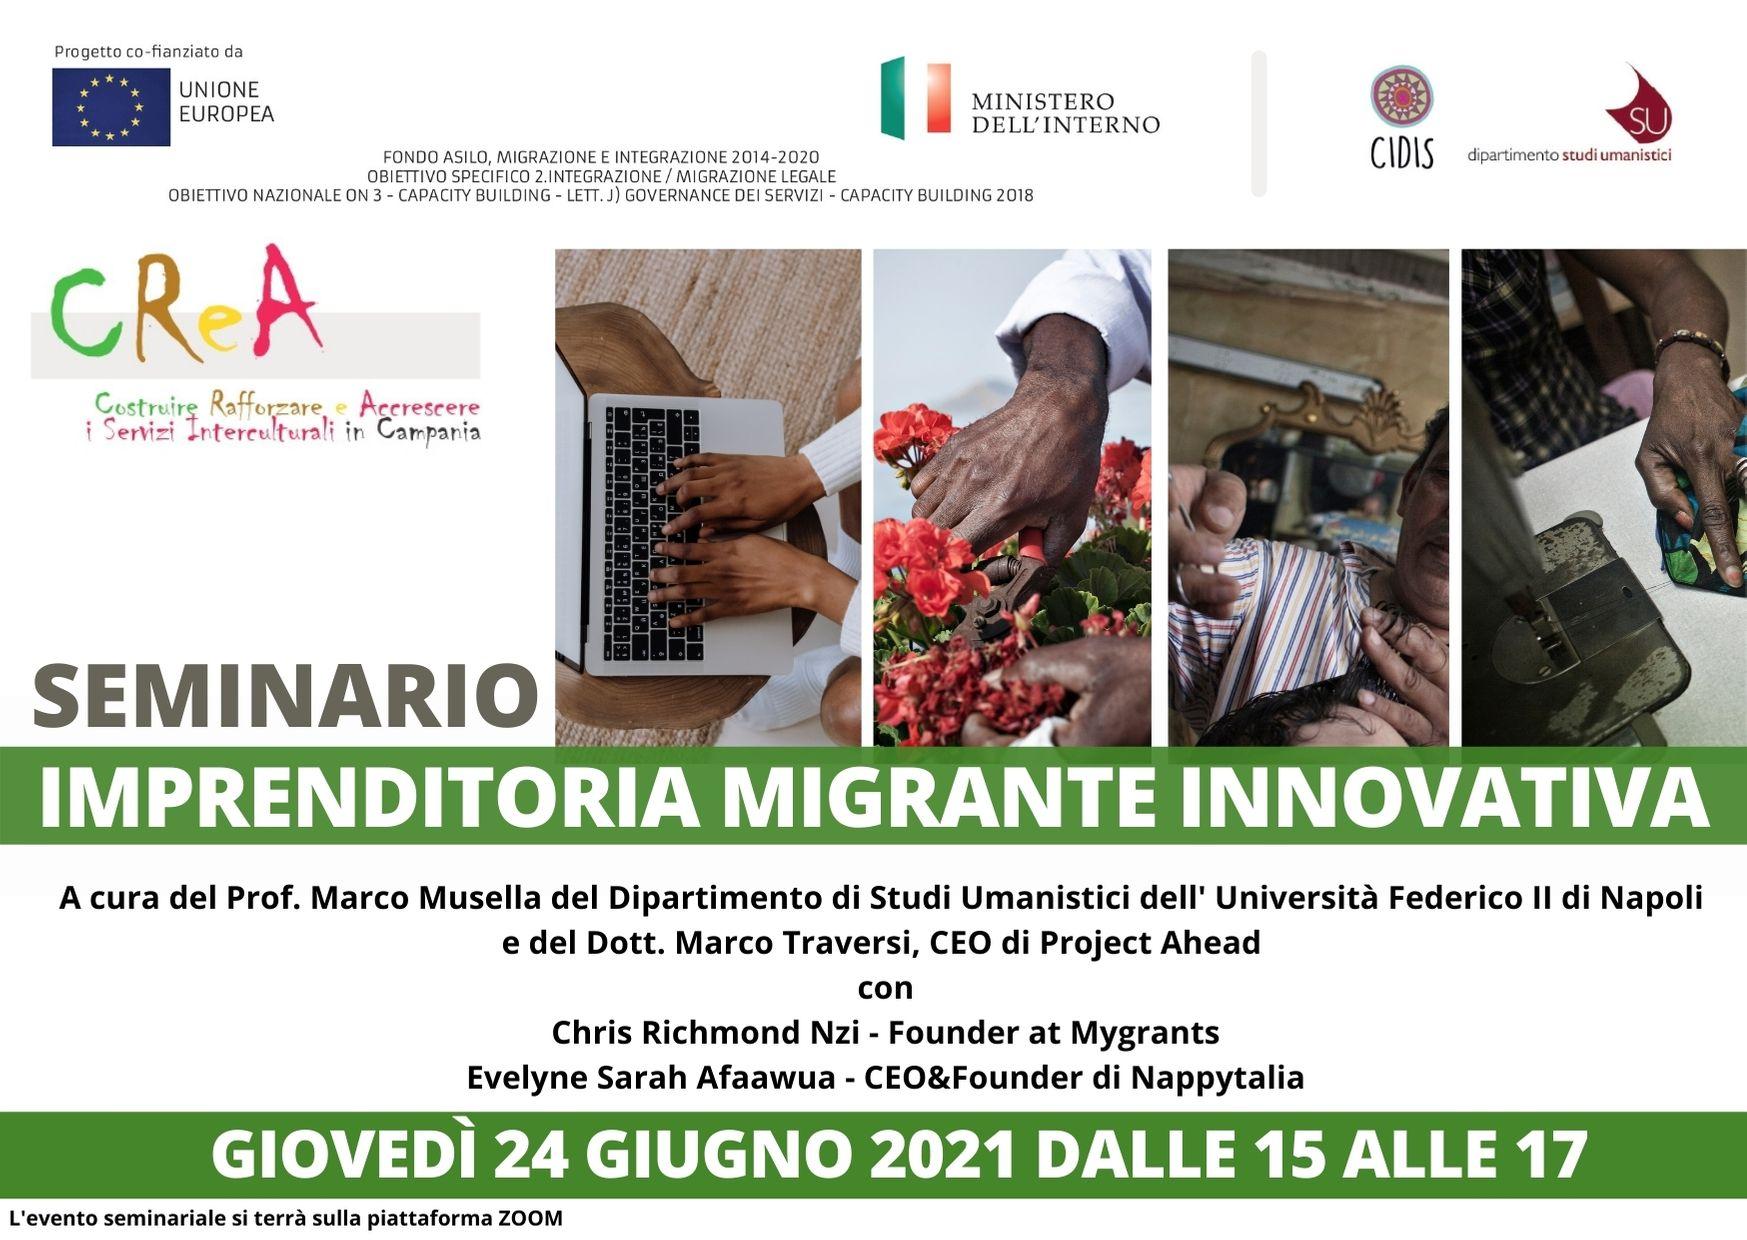 Imprenditoria migrante innovativa: seminario il 24 giugno